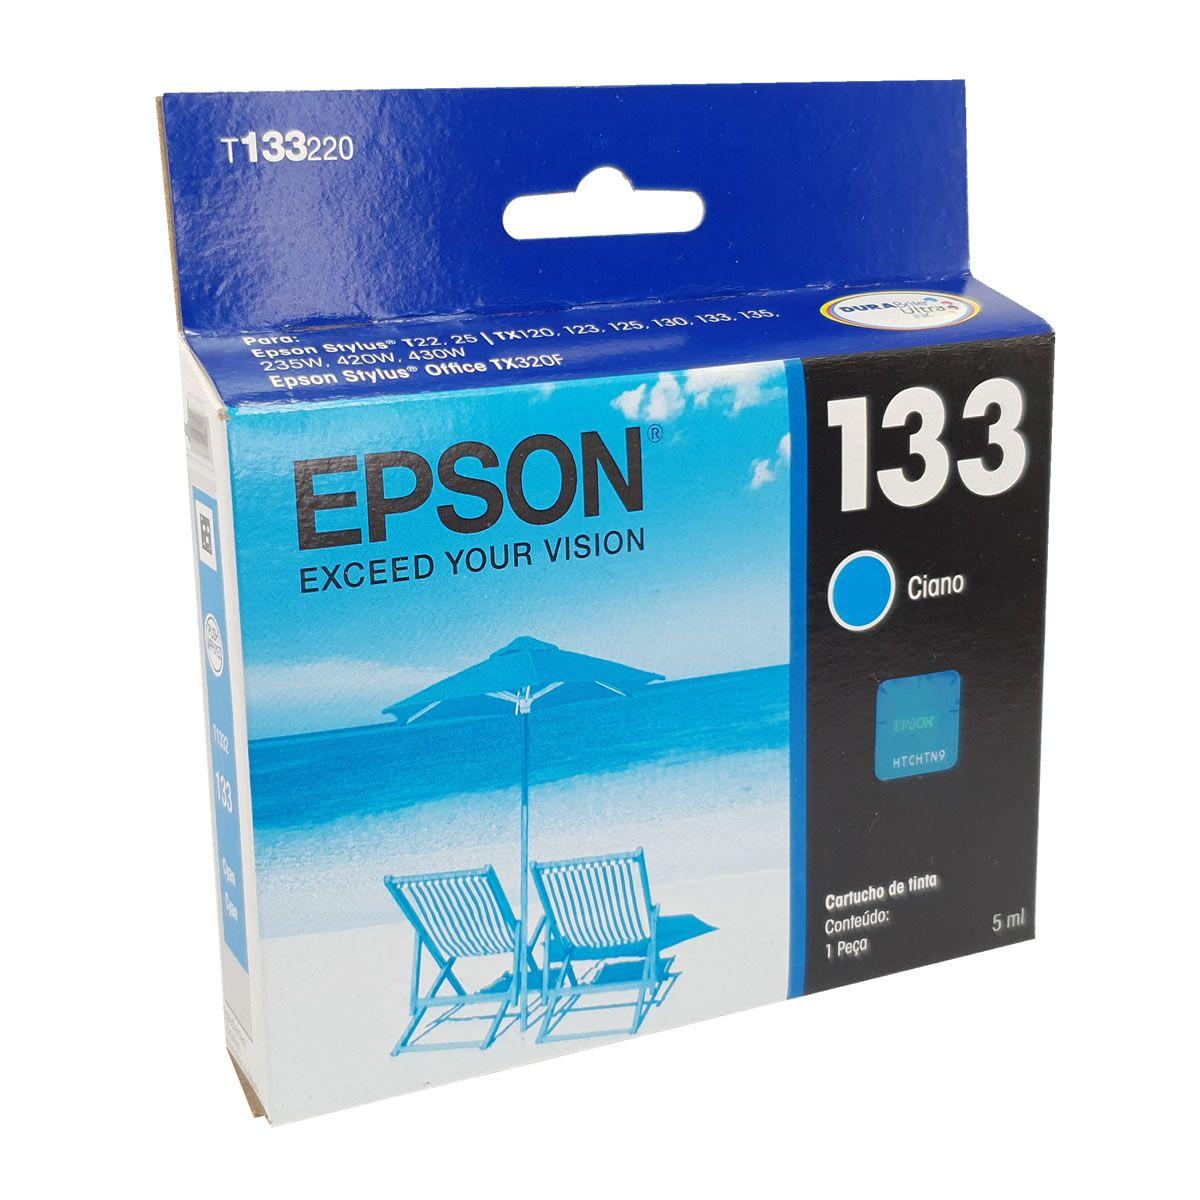 Cartucho T1332 133 ciano original Epson para TX120 TX123 TX125 TX133 TX135